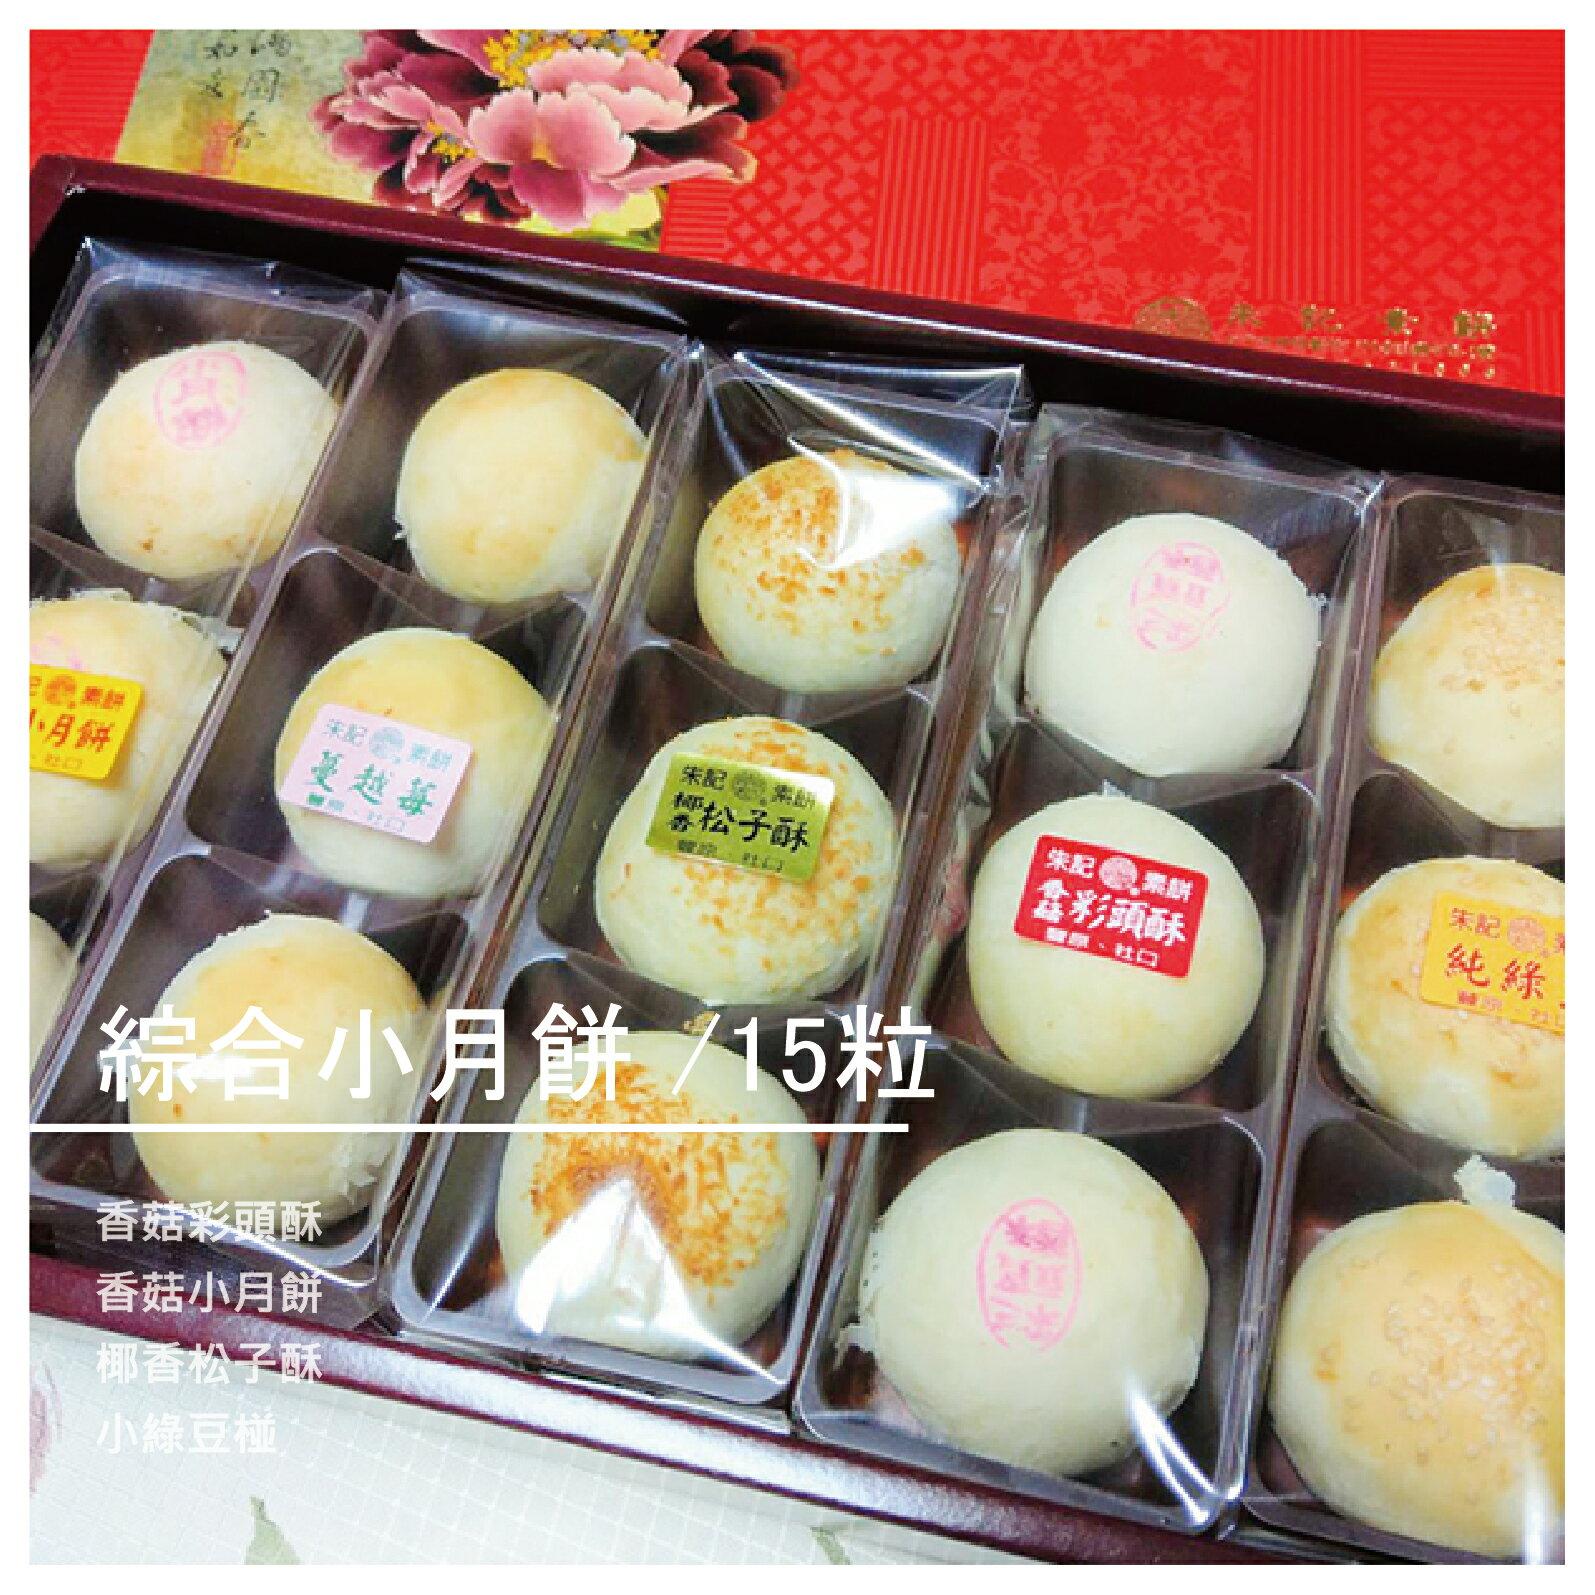 【朱記素餅】綜合小月餅 /15粒 全素